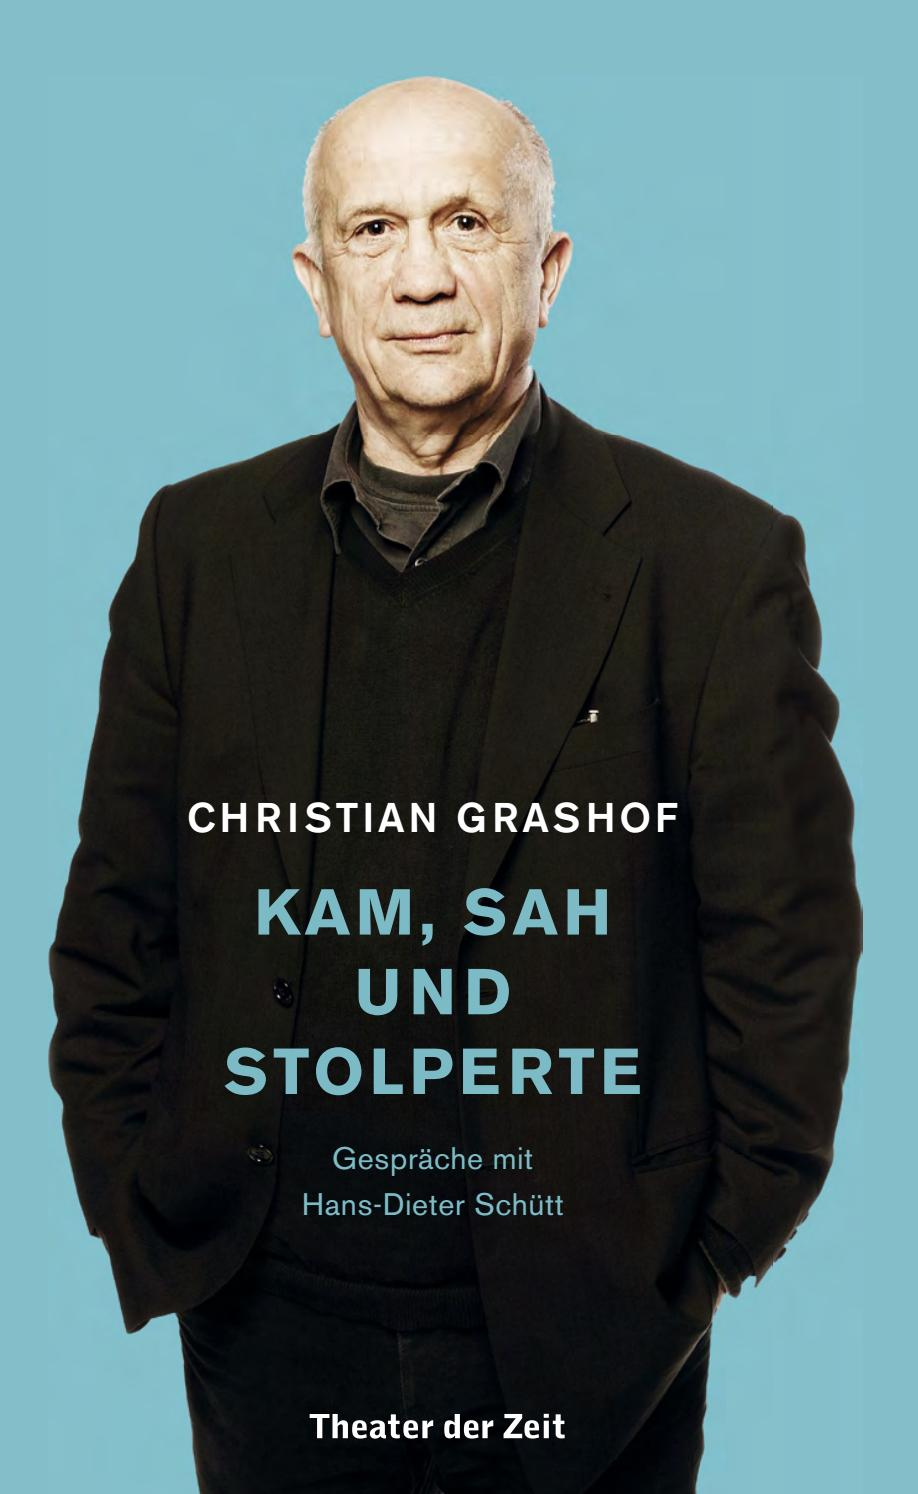 Christian Grashof Kam Sah Und Stolperte Gesprache Mit Hans Dieter Schutt By Theater Der Zeit Issuu